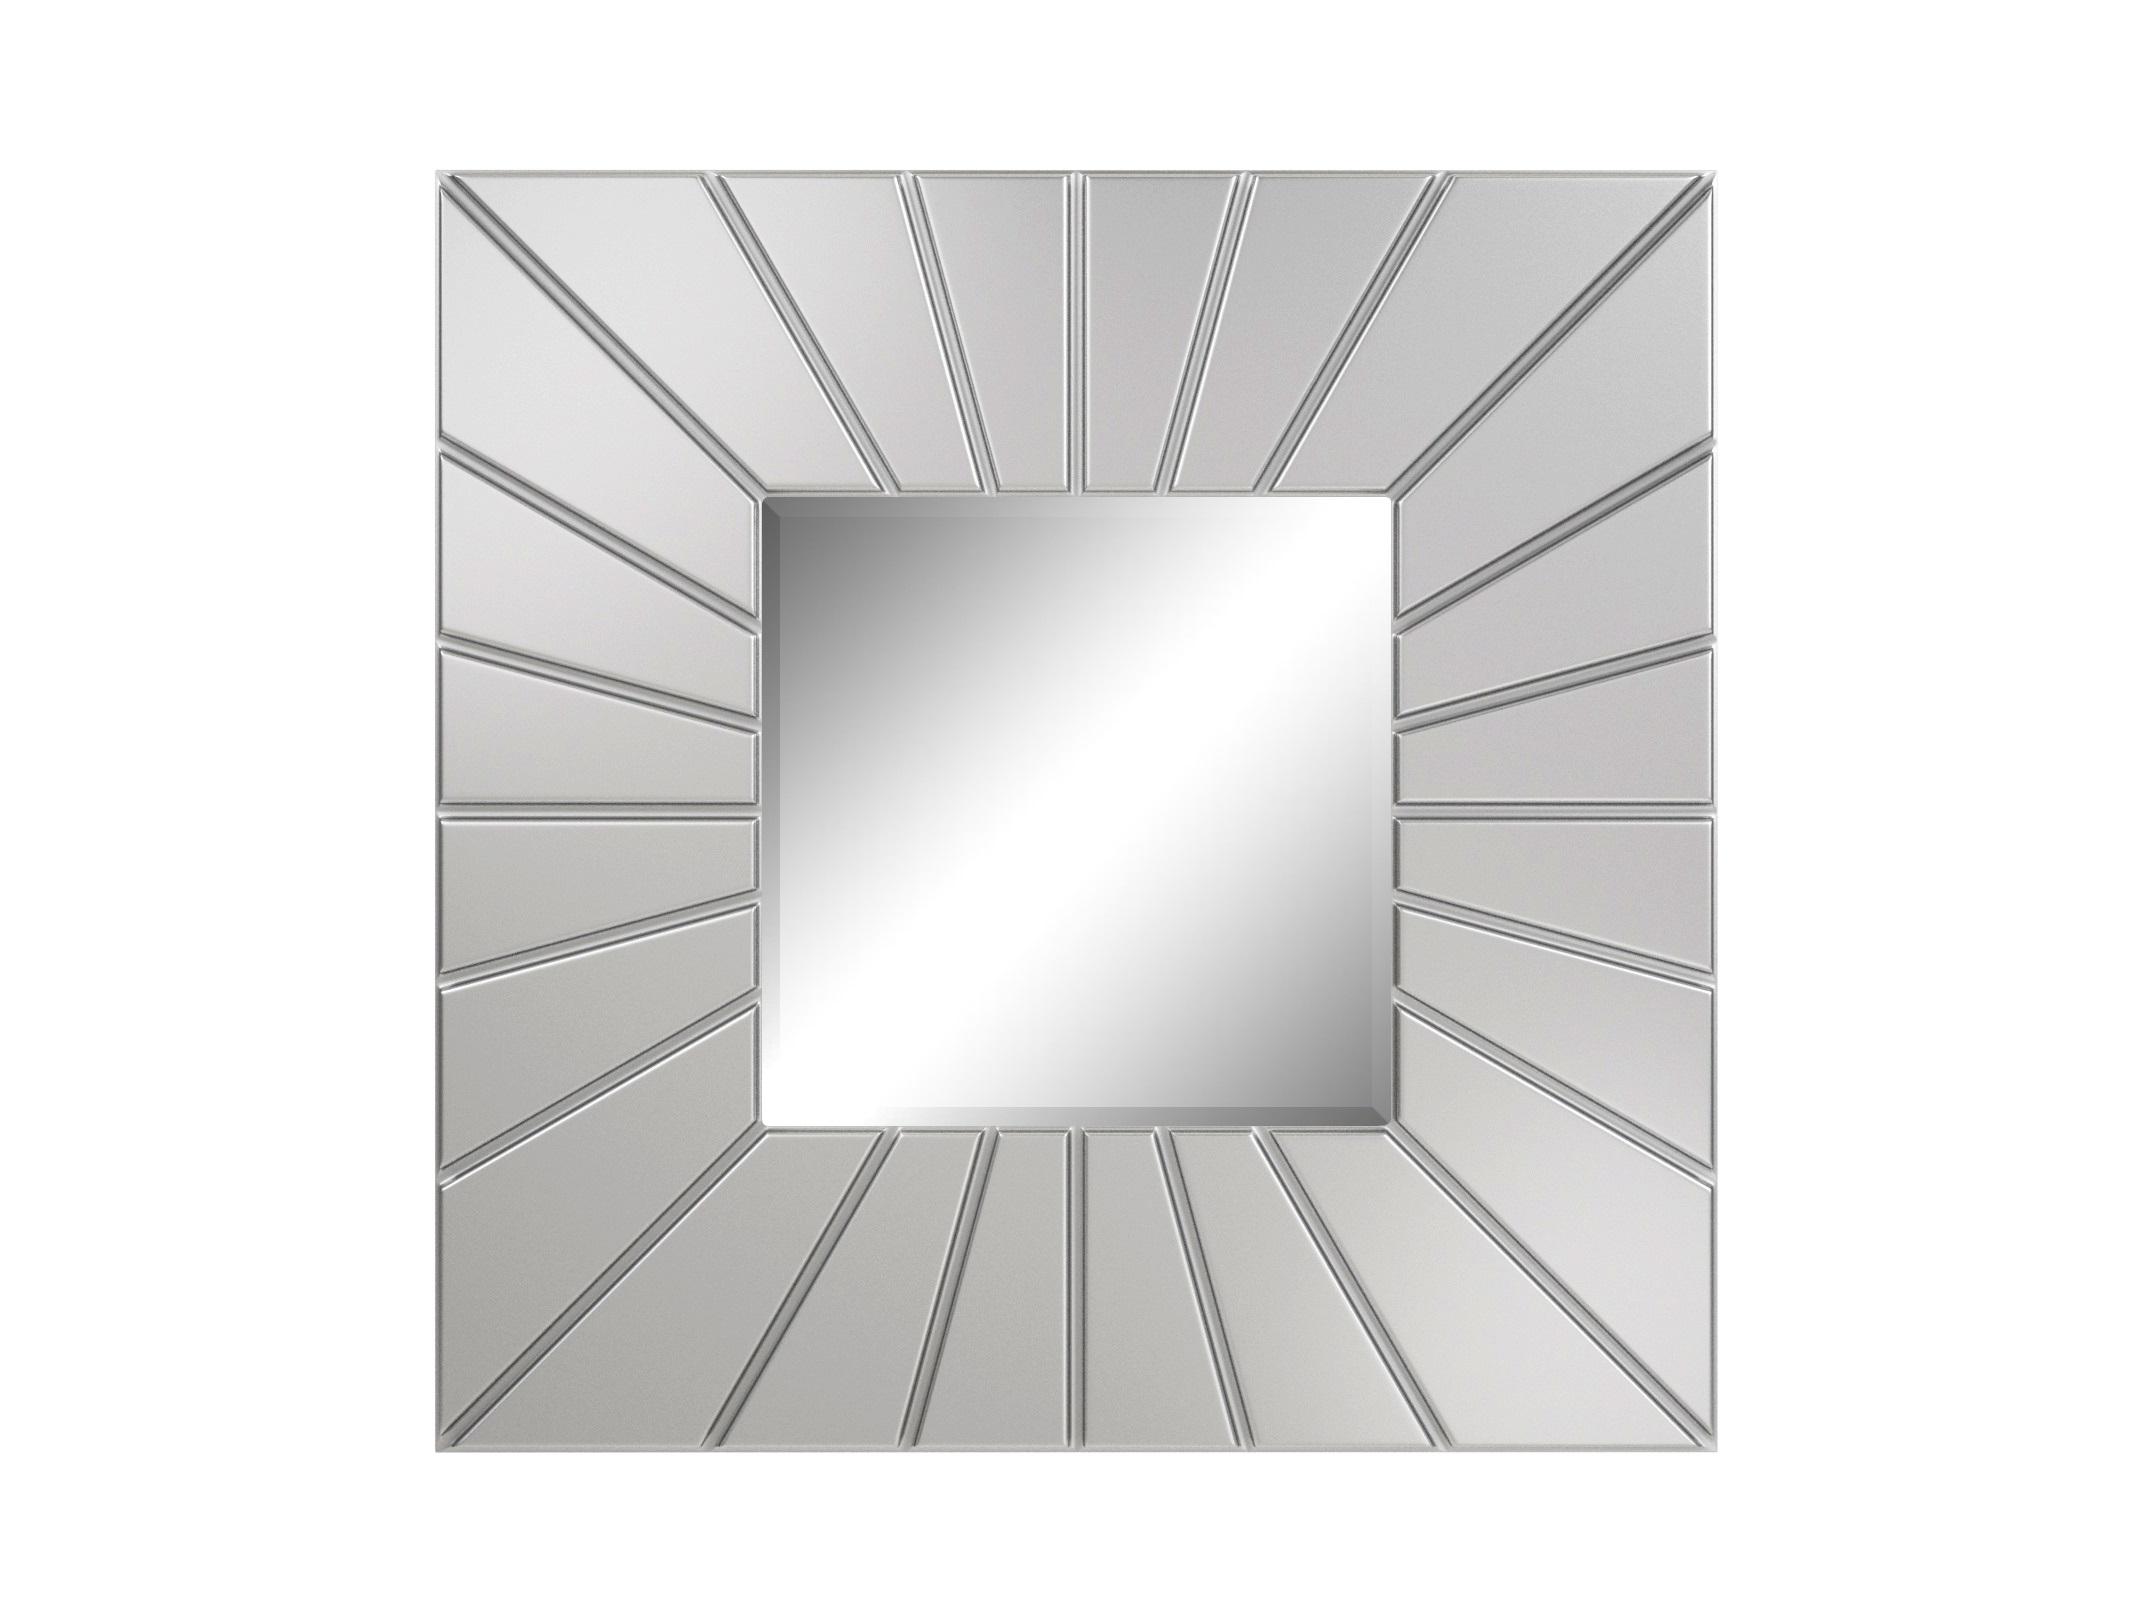 Зеркало Ambicioni 15439659 от thefurnish